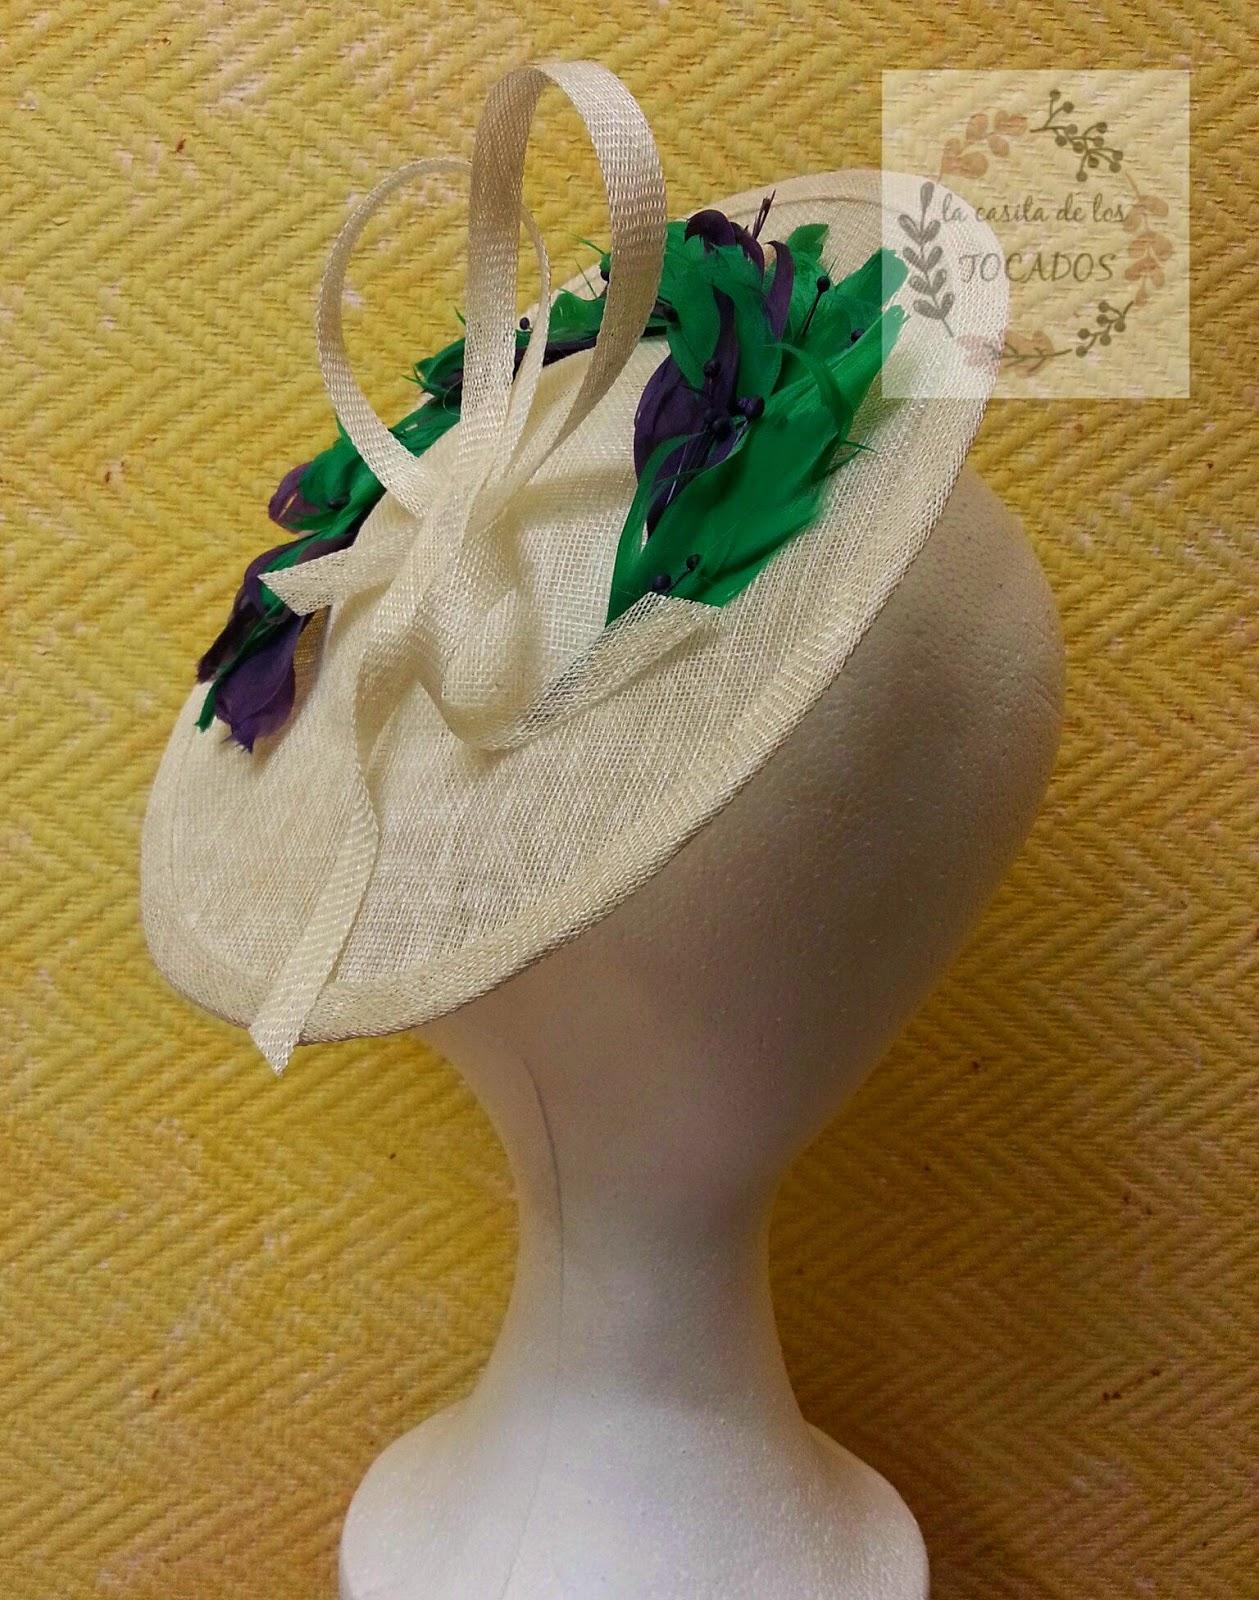 tocado mediano para boda de mañana con base de sinamay en crudo y plumas mezcladas en verde y morado además de pistilos pintados